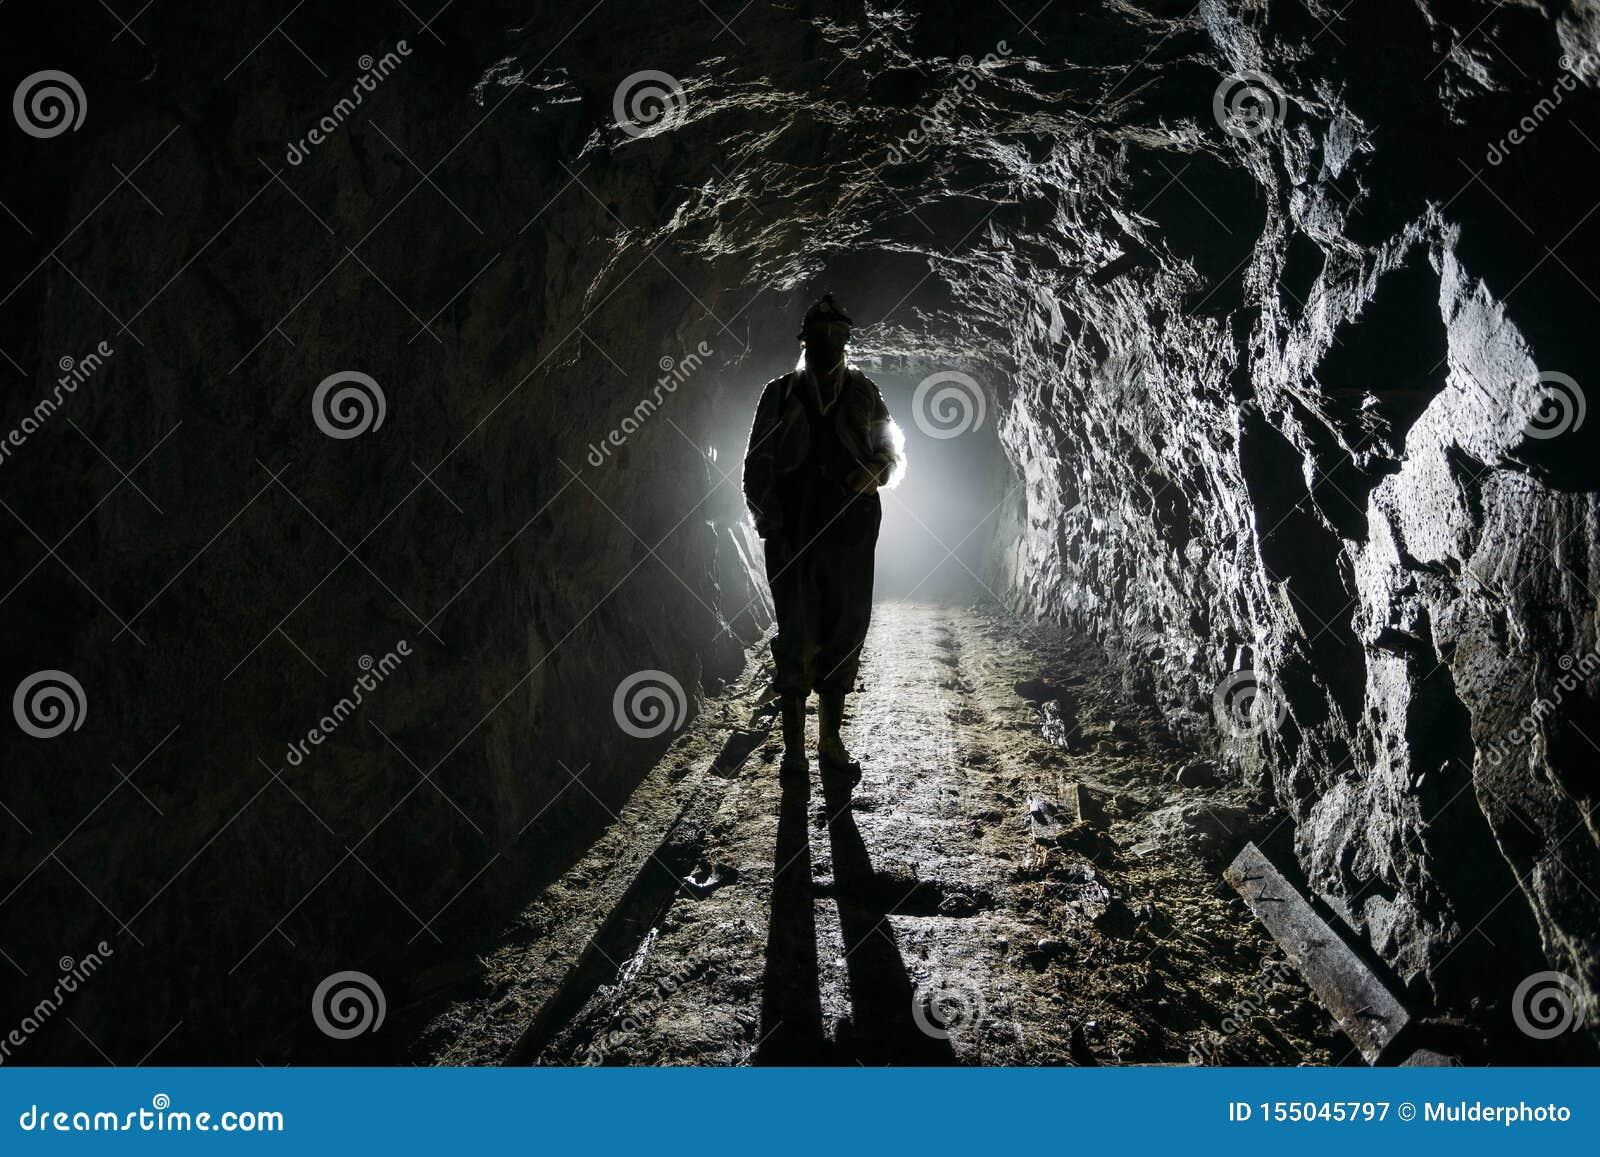 Silueta humana retroiluminada espeluznante dentro de la mina abandonada oscura